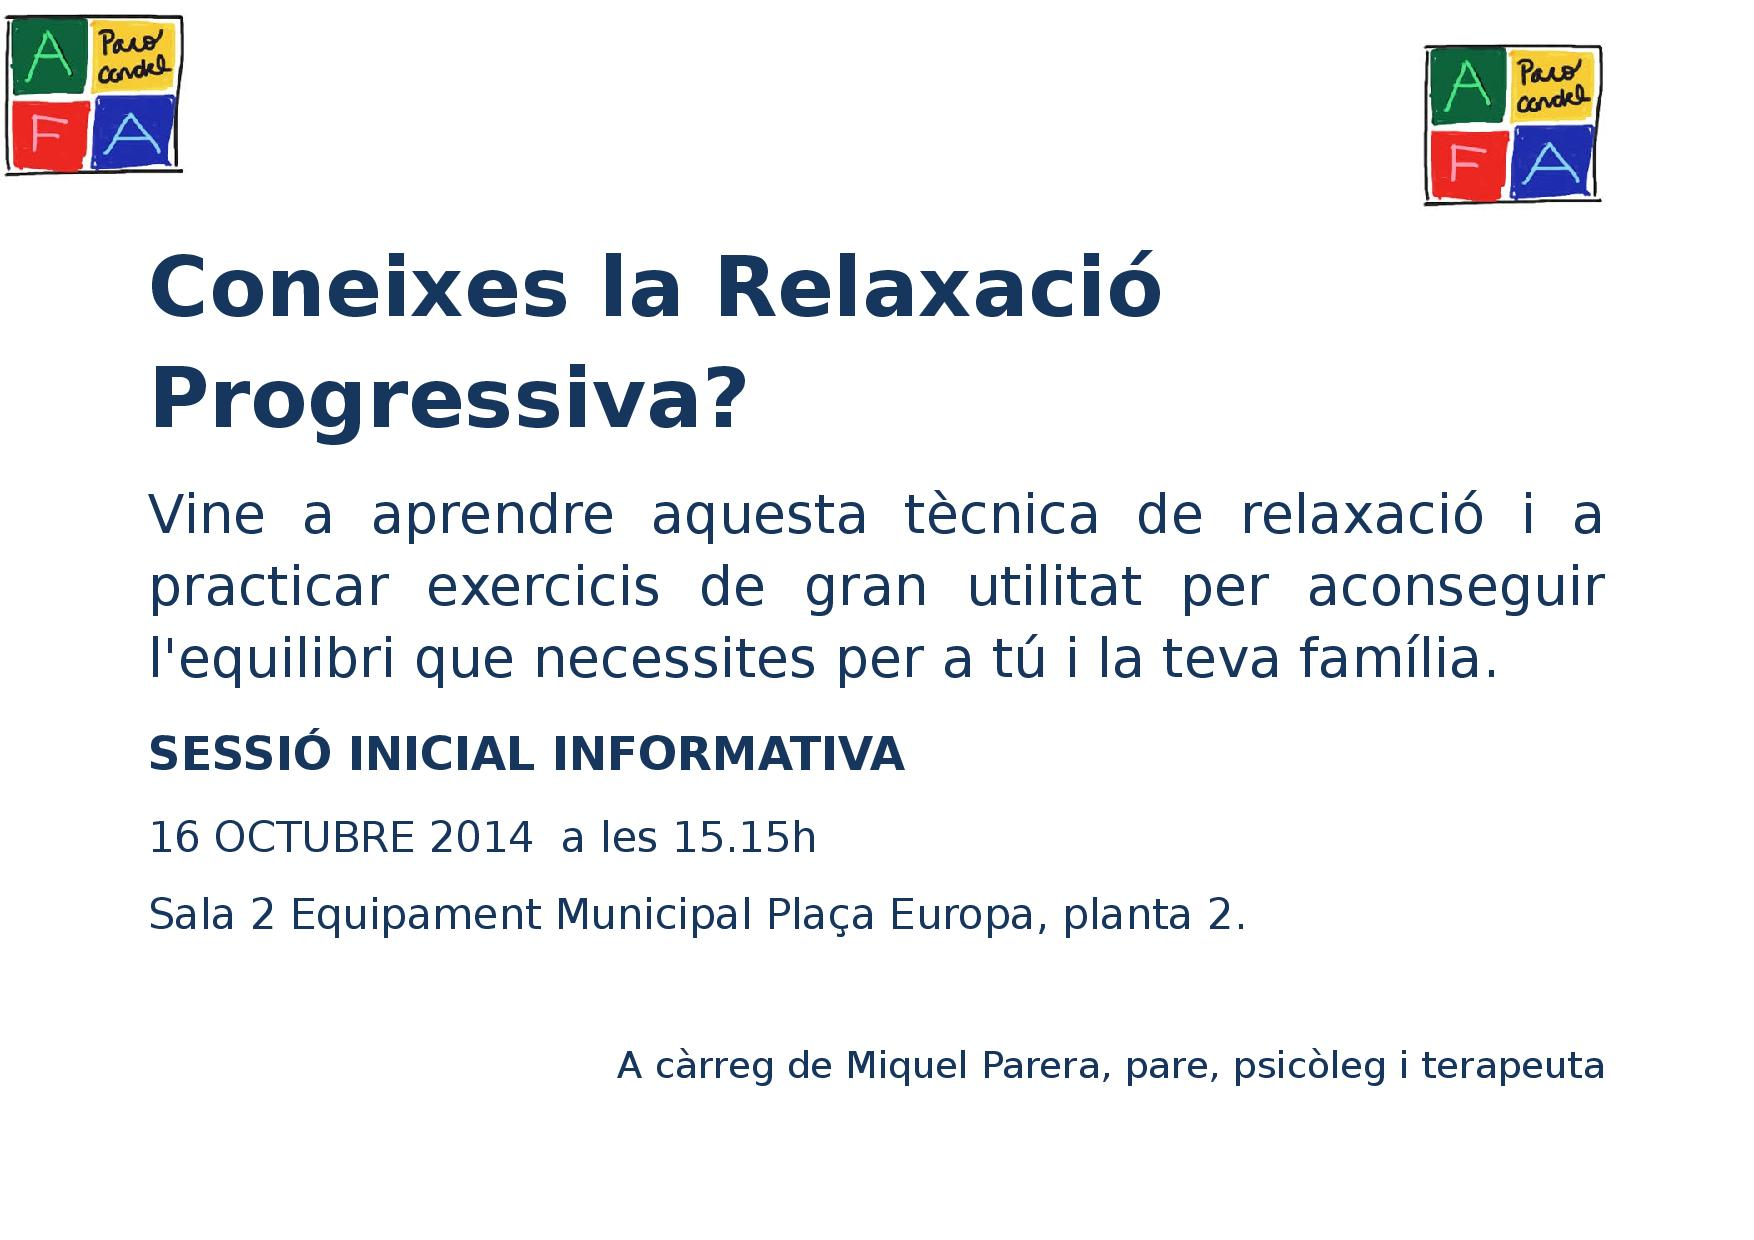 Coneixes Relaxacio-1-page-001